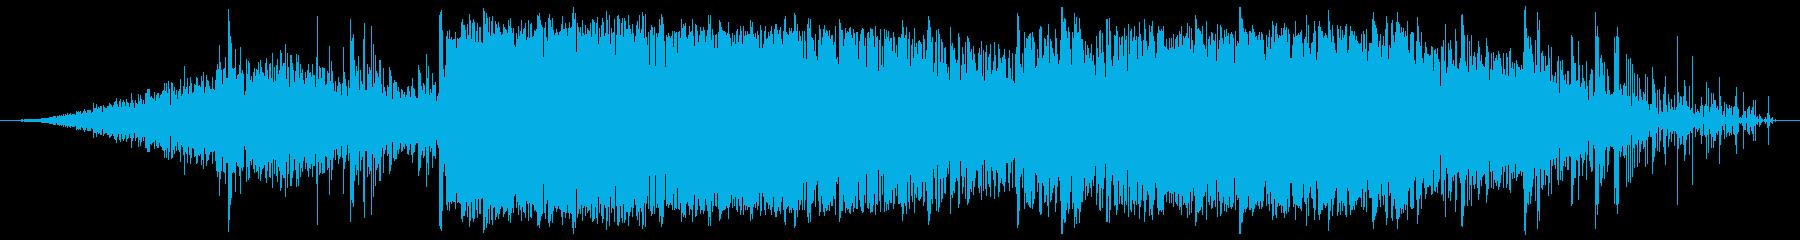 ROCK DEBRISを使用したス...の再生済みの波形